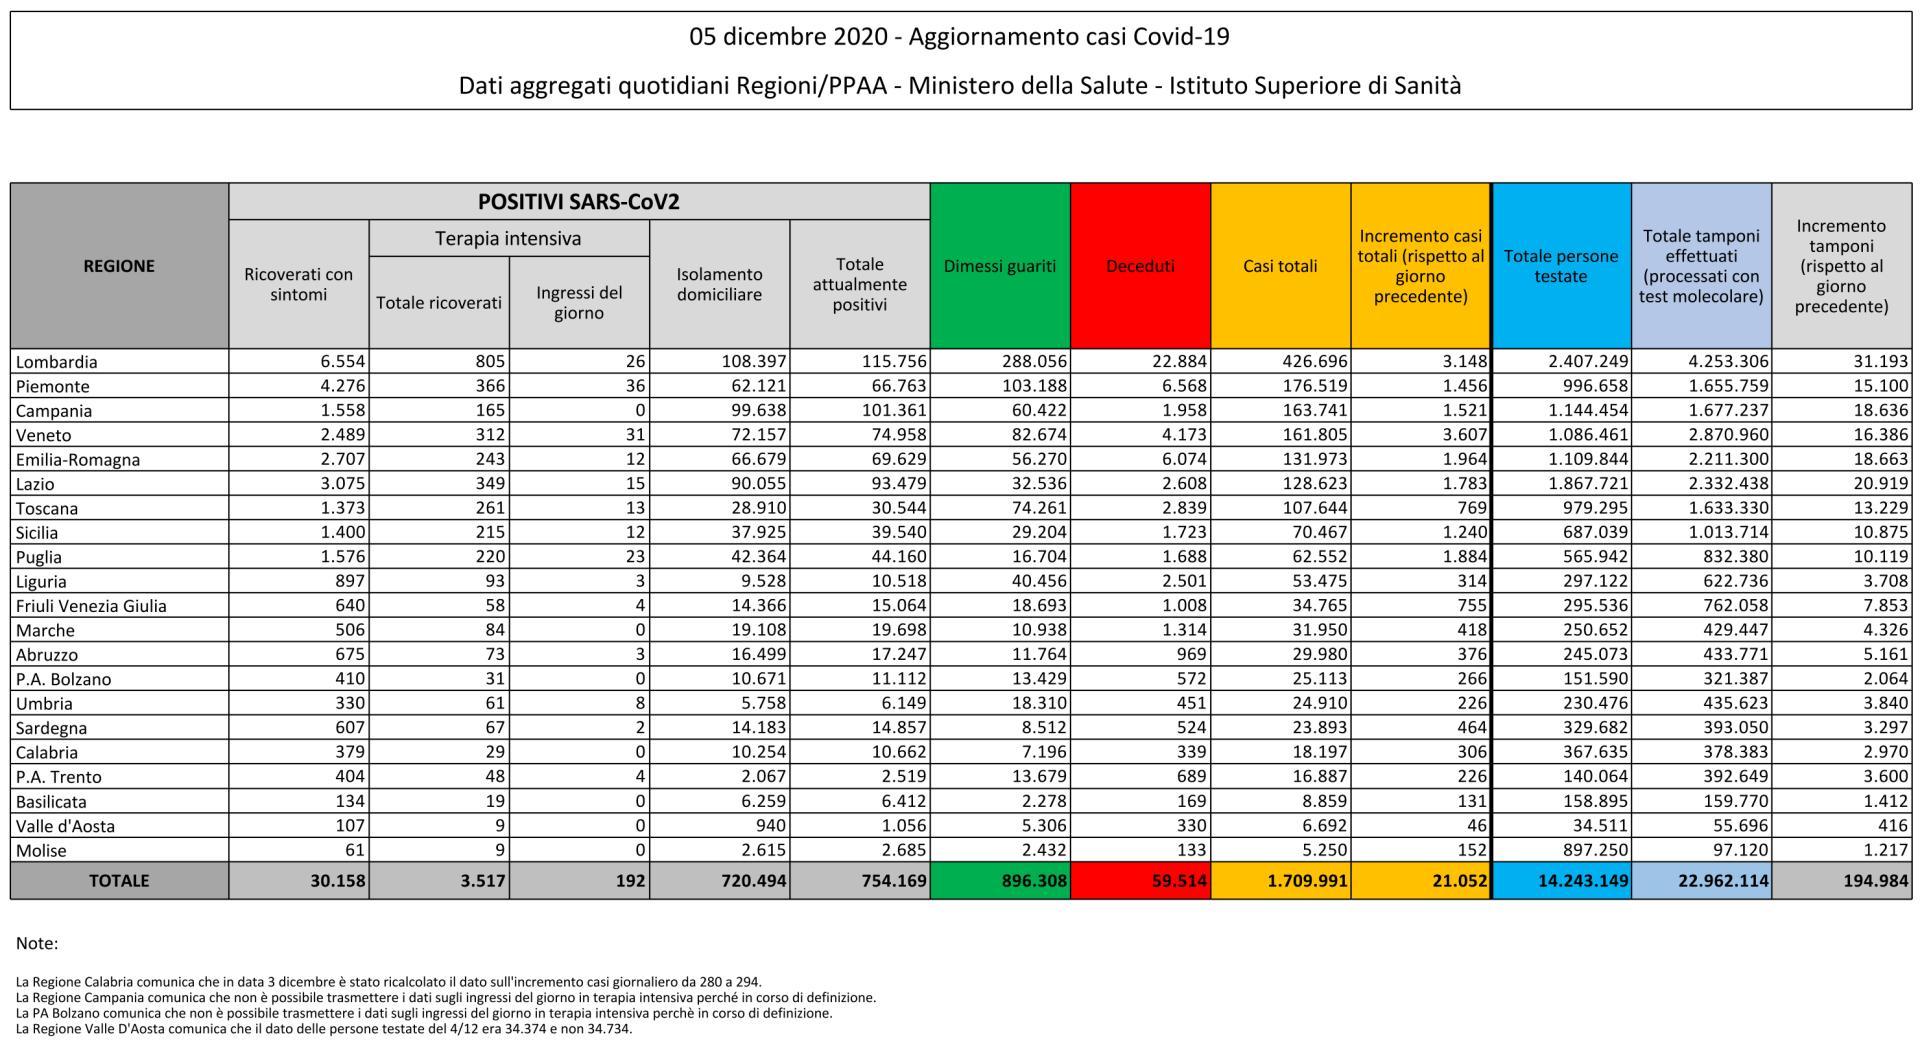 5 dicembre 2020 - Aggiornamento casi Covid-19 Dati aggregati quotidiani Regioni/PPAA - Ministero della Salute - Istituto Superiore di Sanità